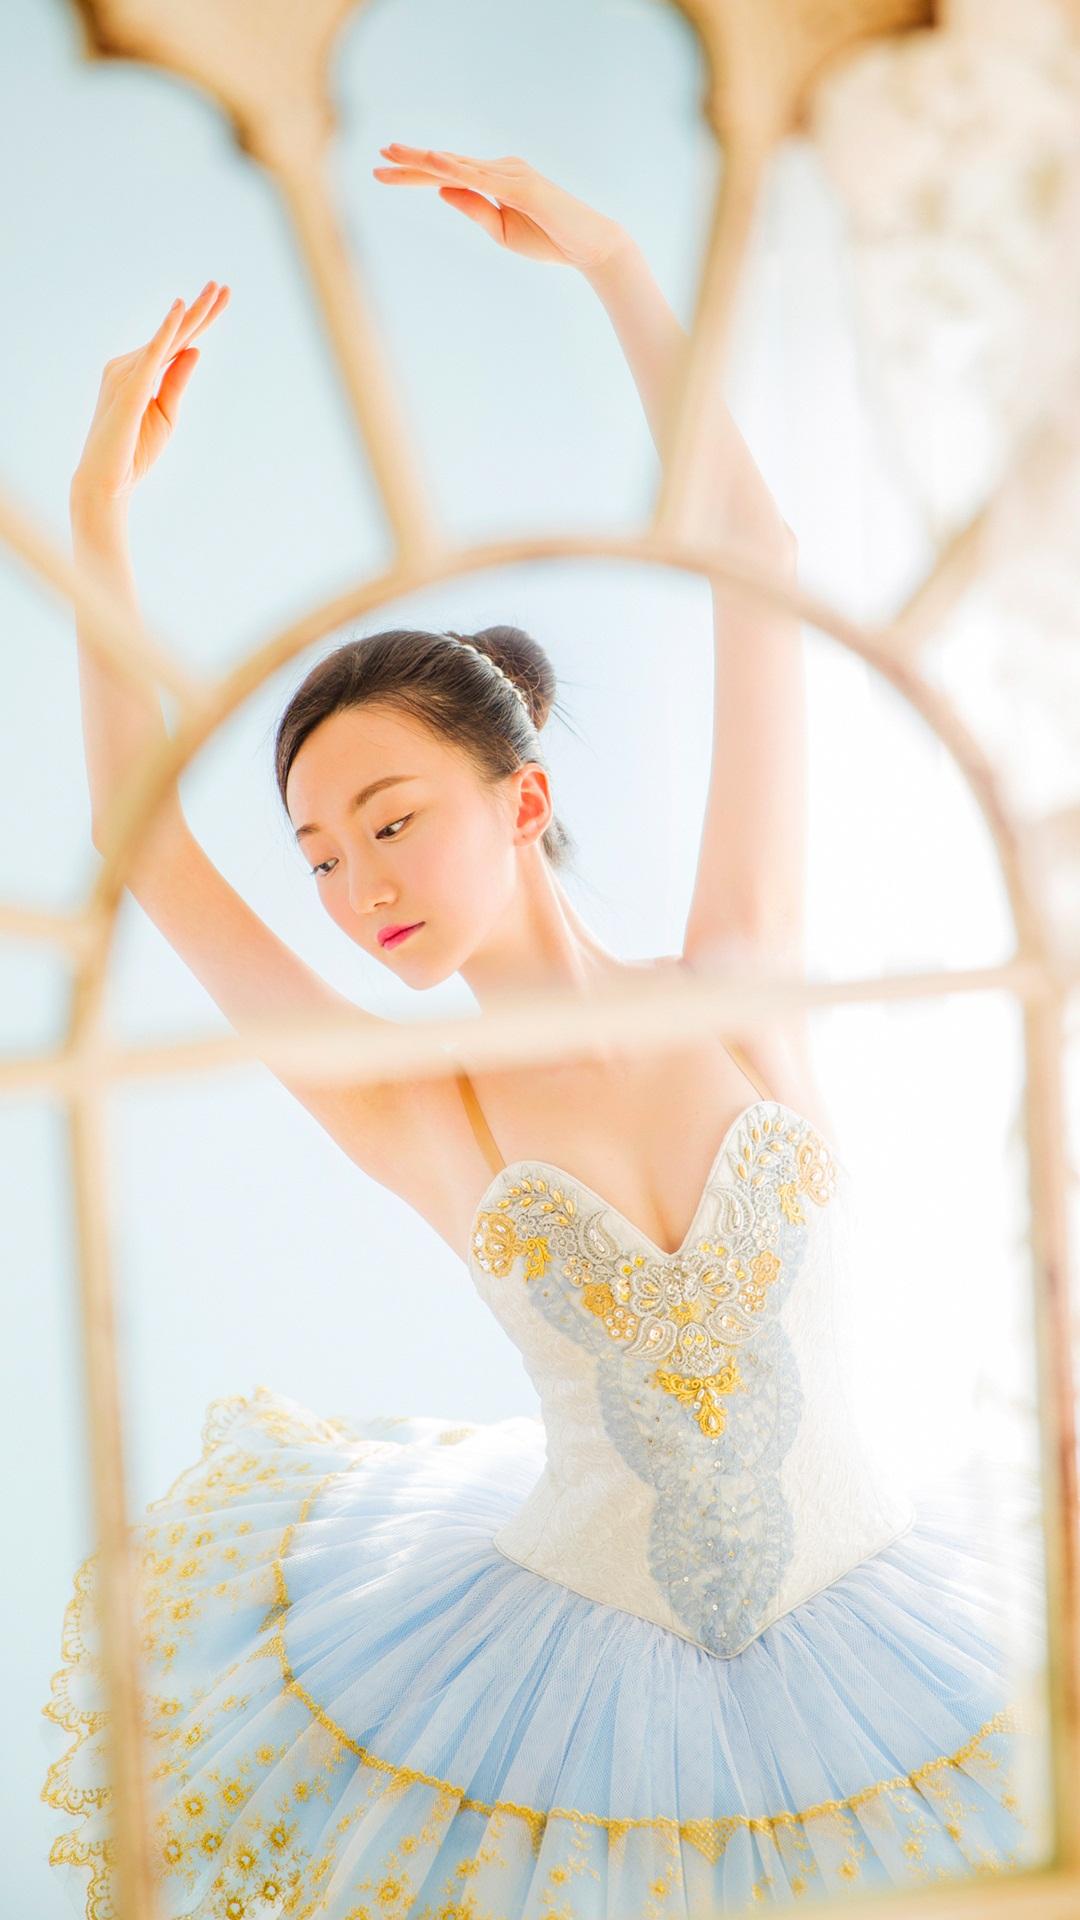 芭蕾舞美女唯美写真手机壁纸